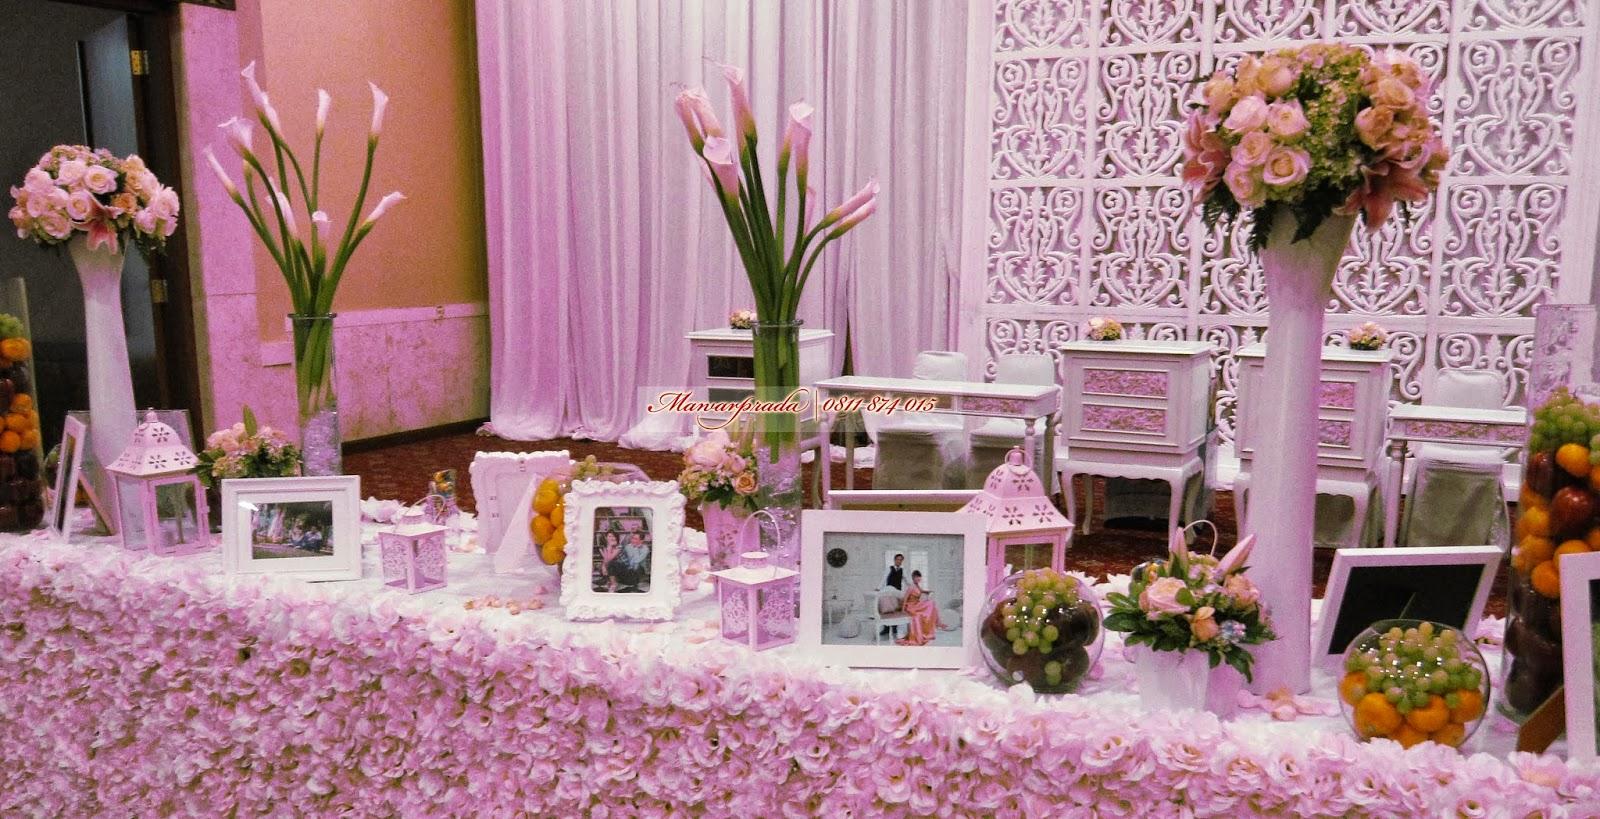 Contoh gambar dekorasi pernikahan minimalis album wedding for Dekorasi kamar pengantin di hotel